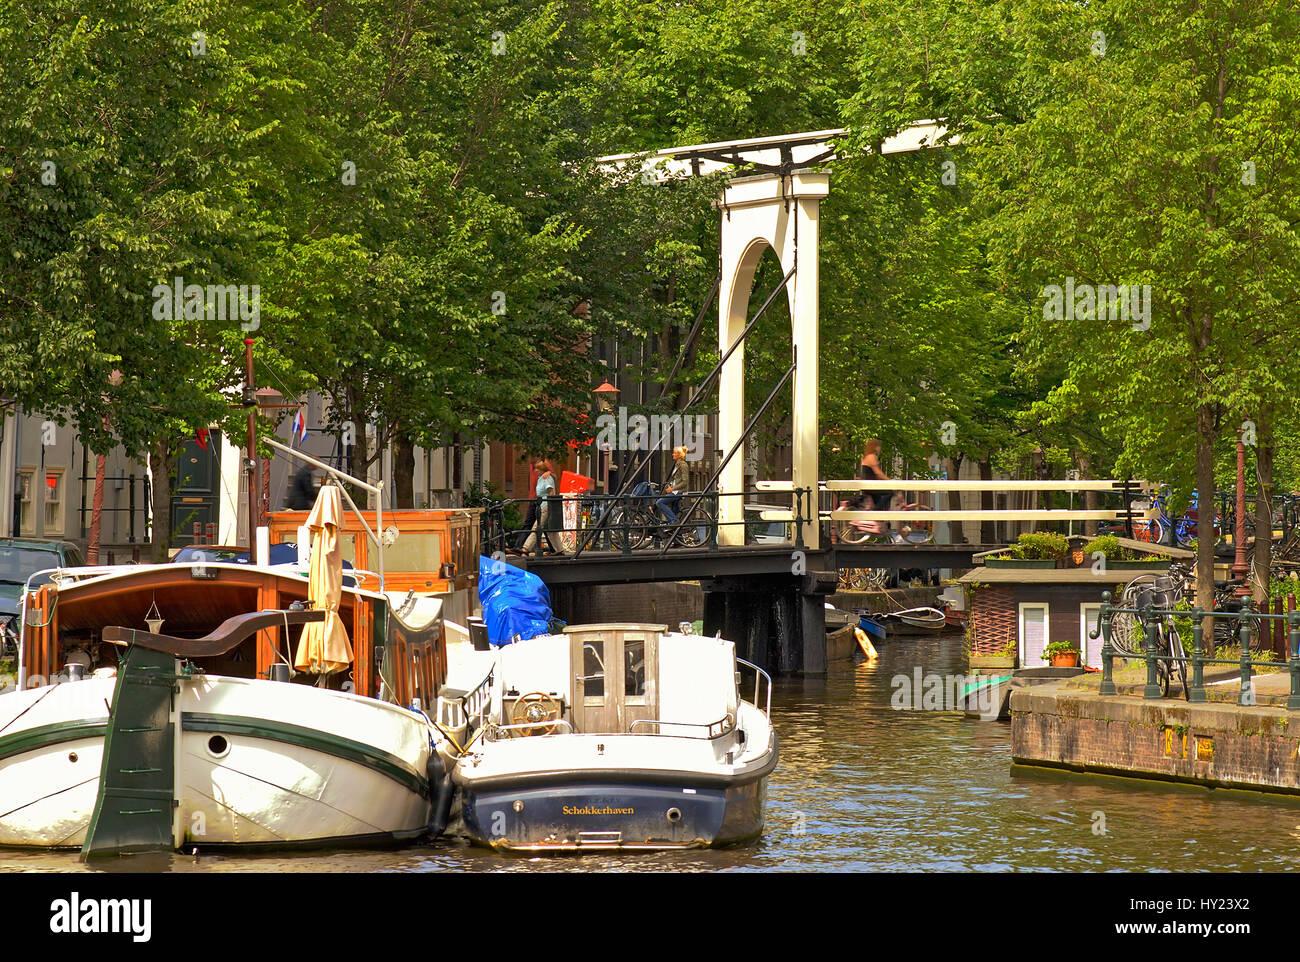 Image de house boat dans un canal d'eau dans le centre-ville d'Amsterdam, Hollande. Banque D'Images